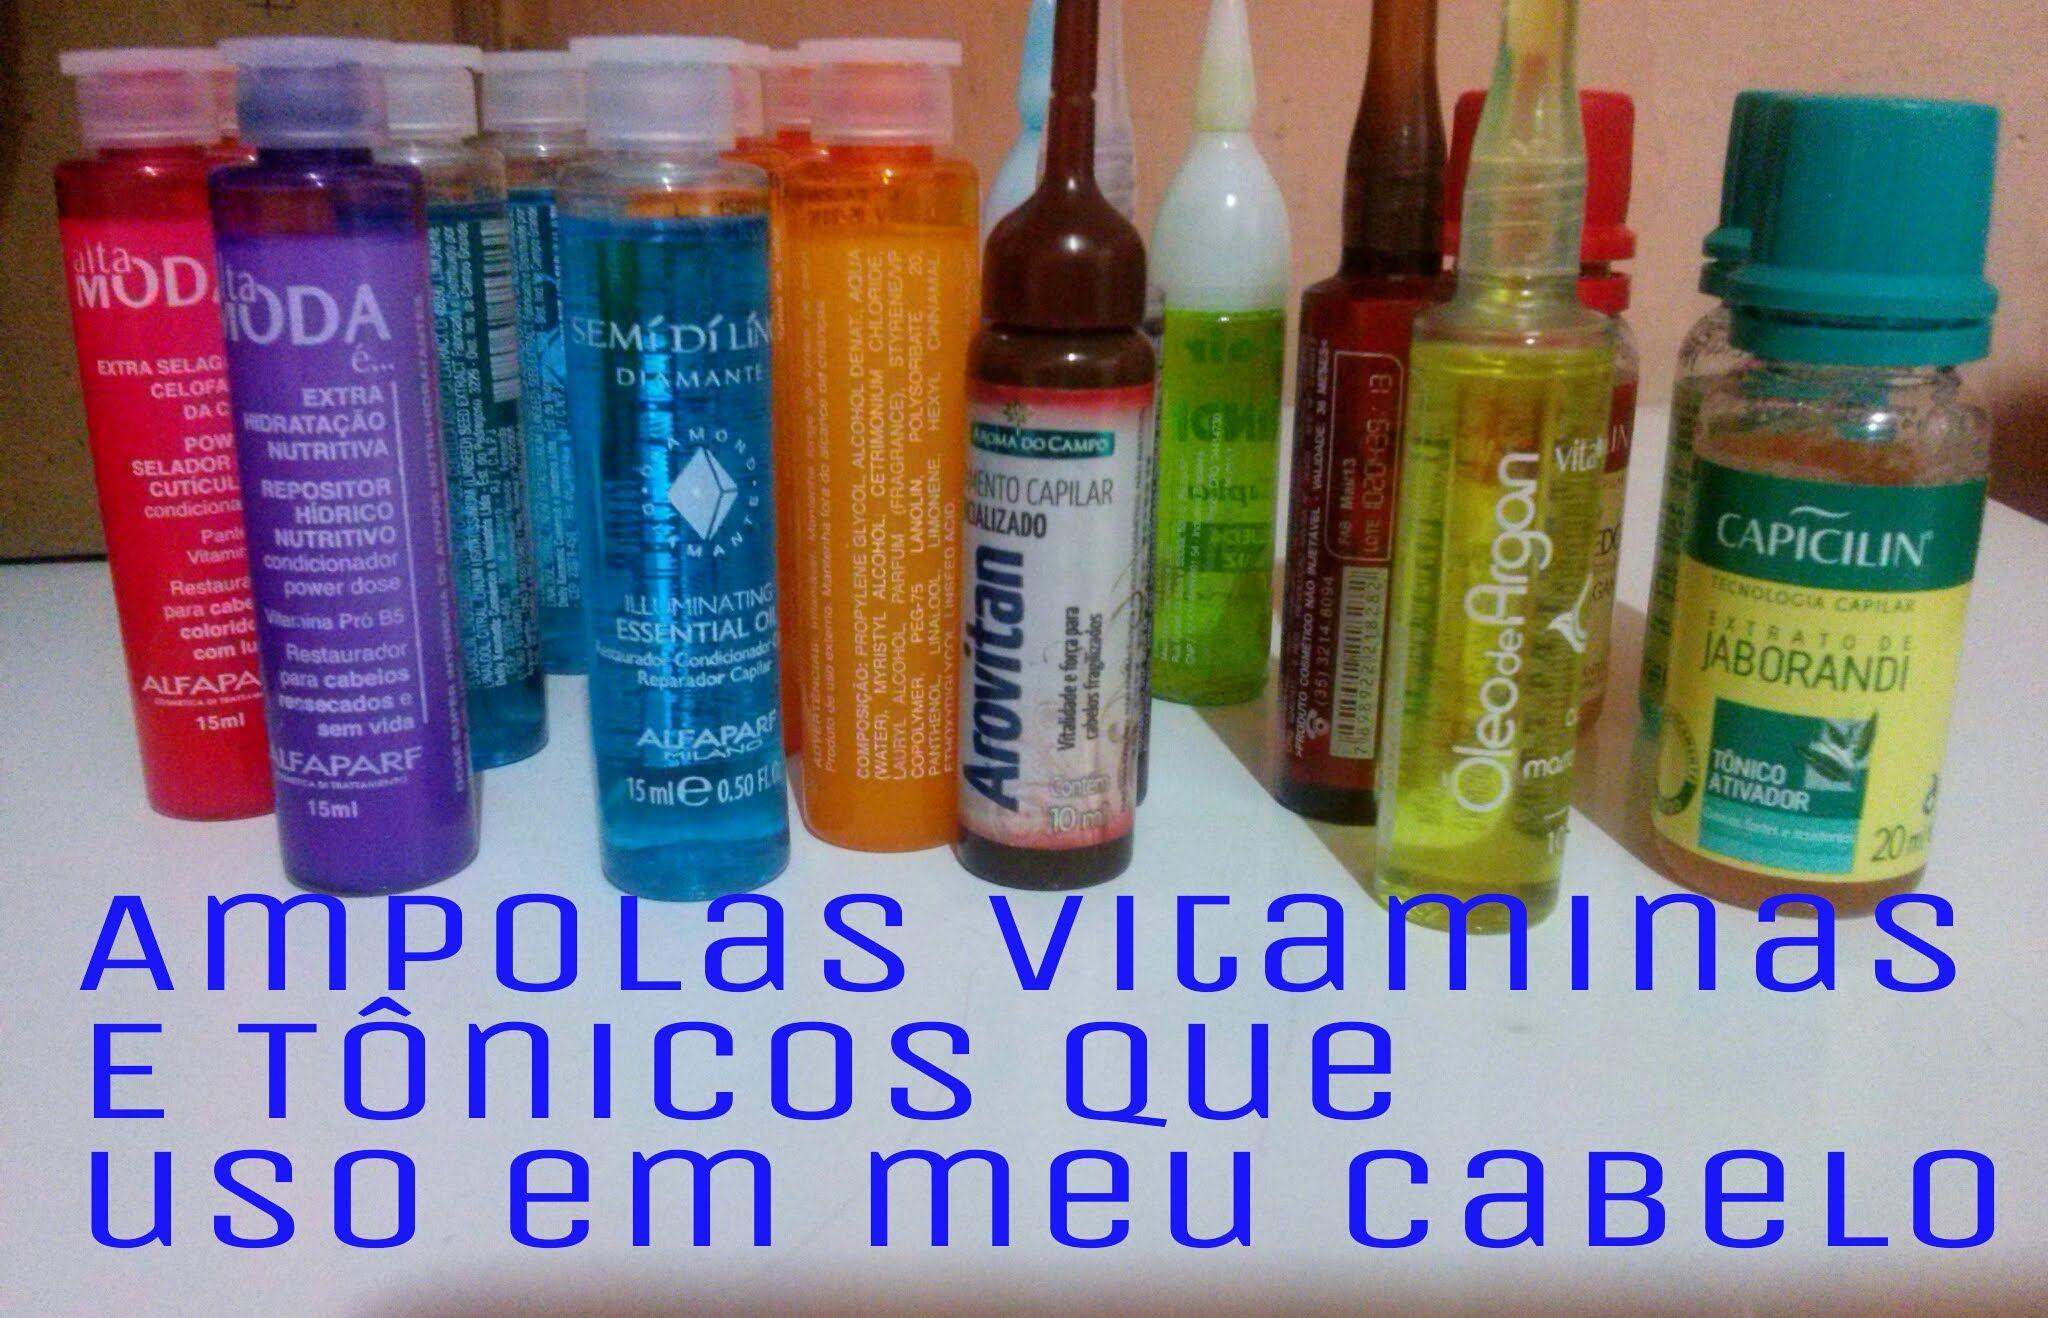 Ampolas Vitaminas E Tonicos Que Uso Em Meu Cabelo Com Imagens